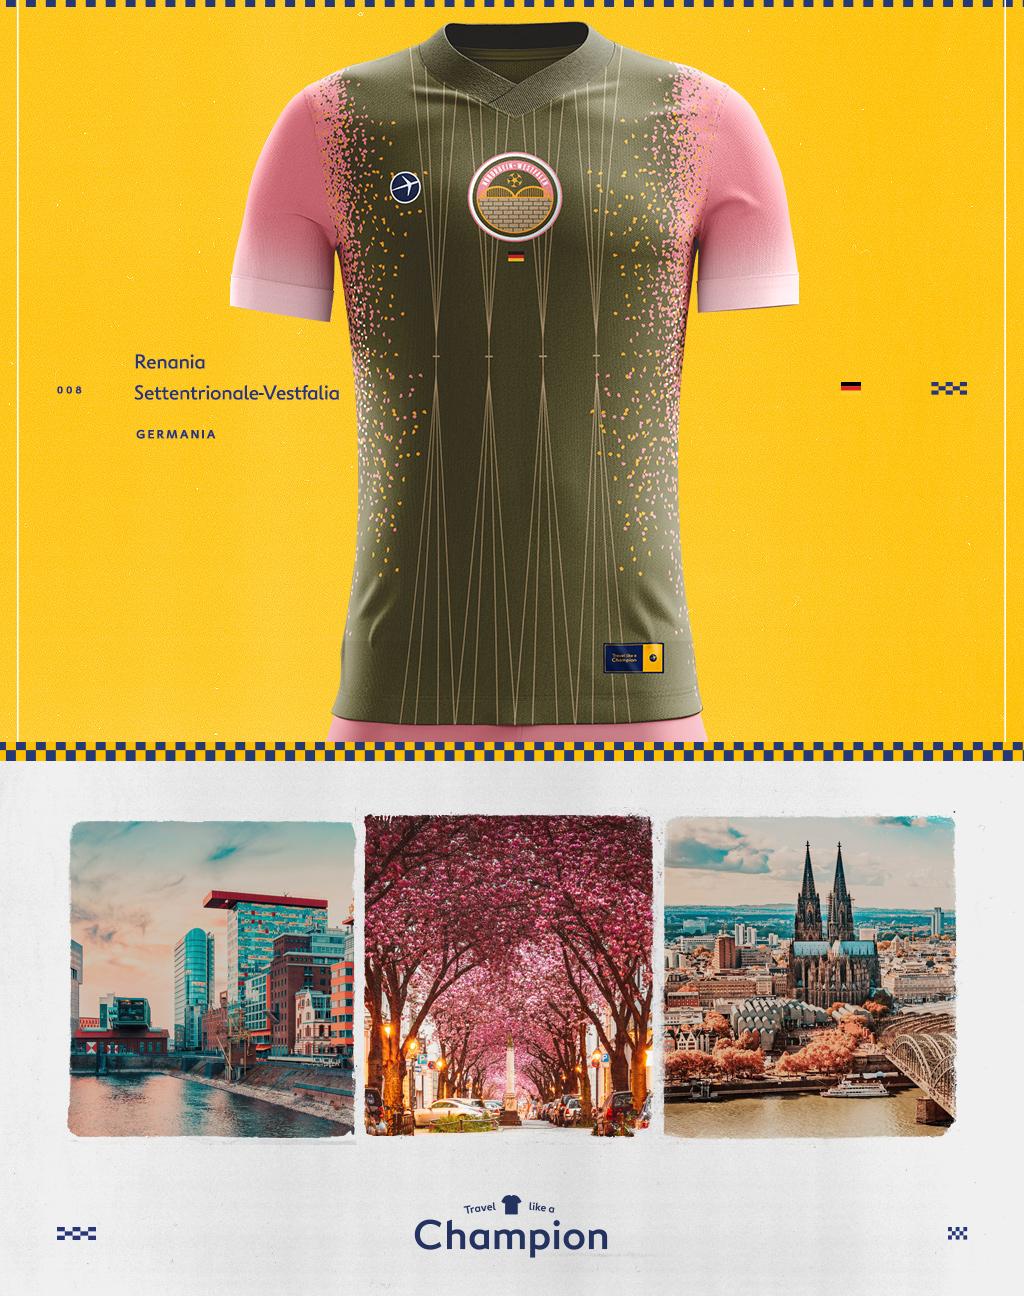 008-nordrhein-blog-article-1024x1296-it.jpg?1556235463